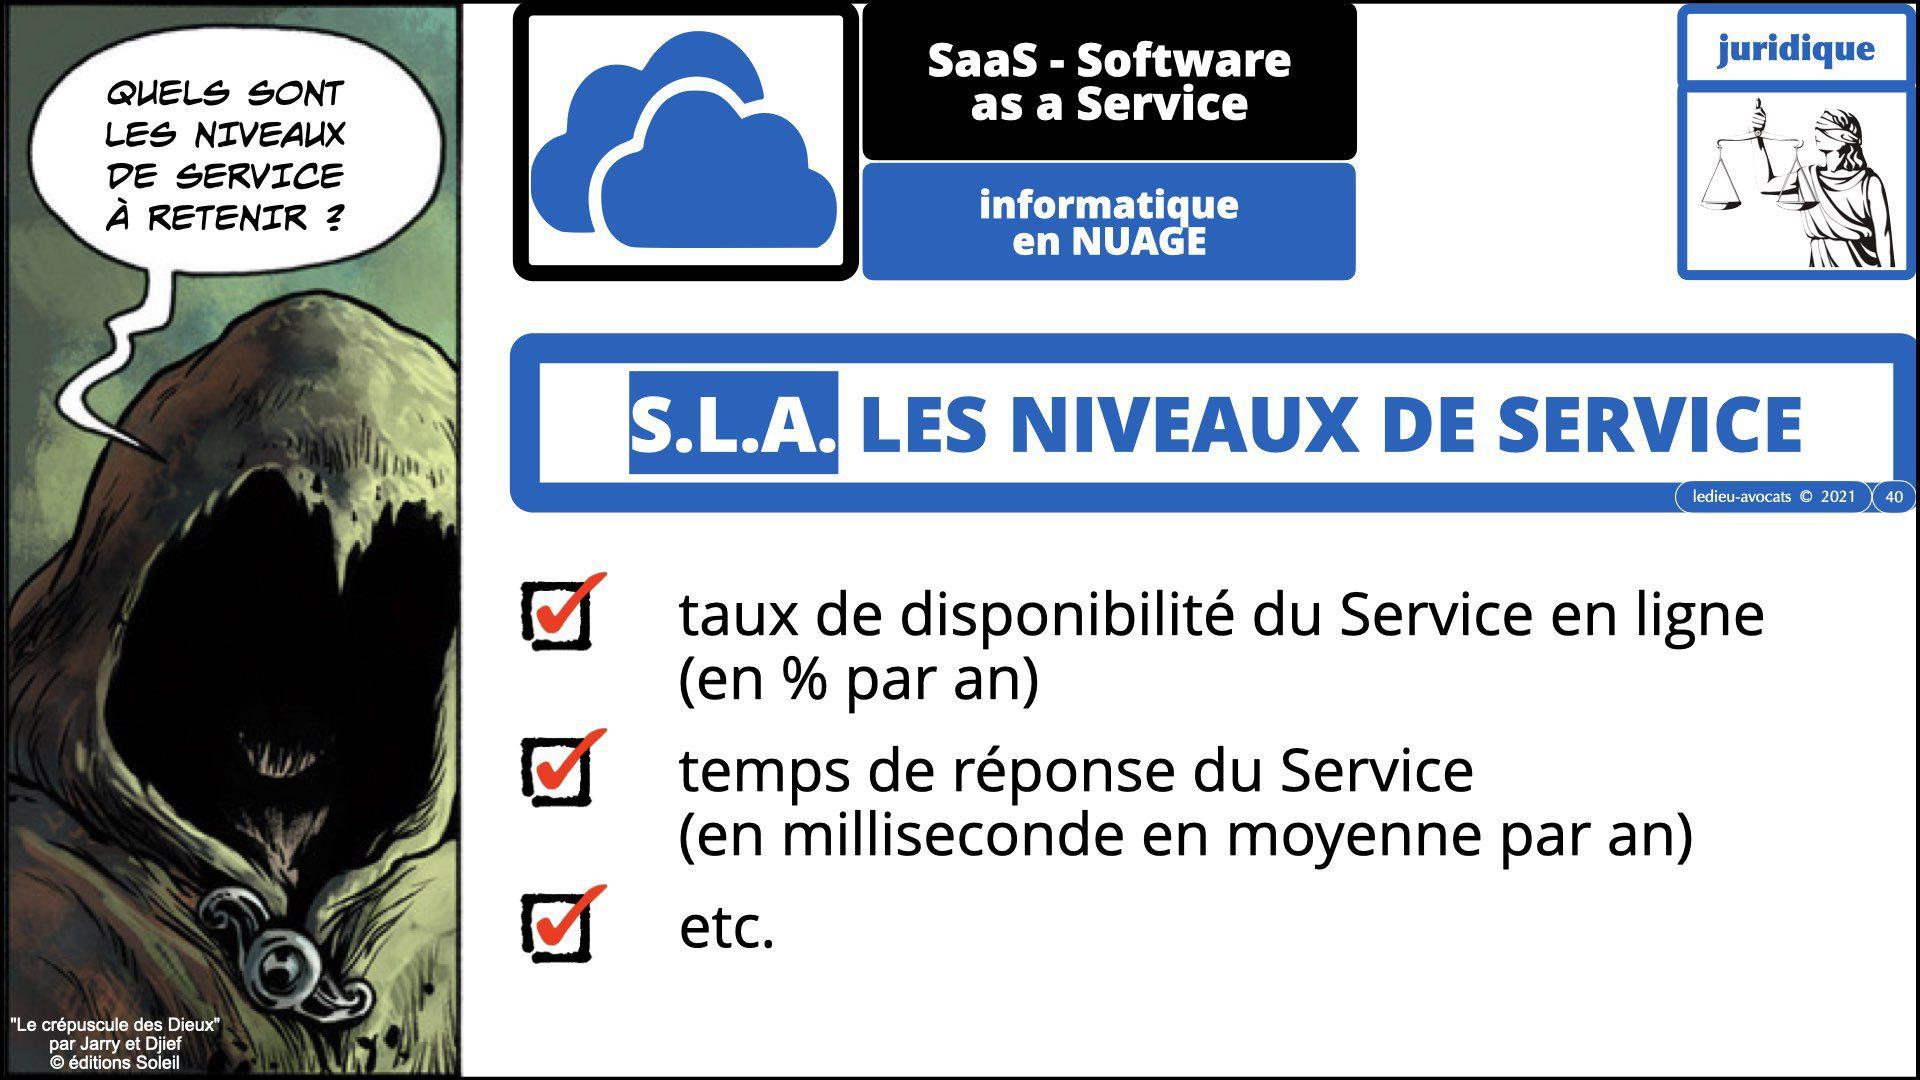 343 service LOGICIEL SaaS Software-as-a-Service cloud computing © Ledieu-Avocats technique droit numerique 30-08-2021.040